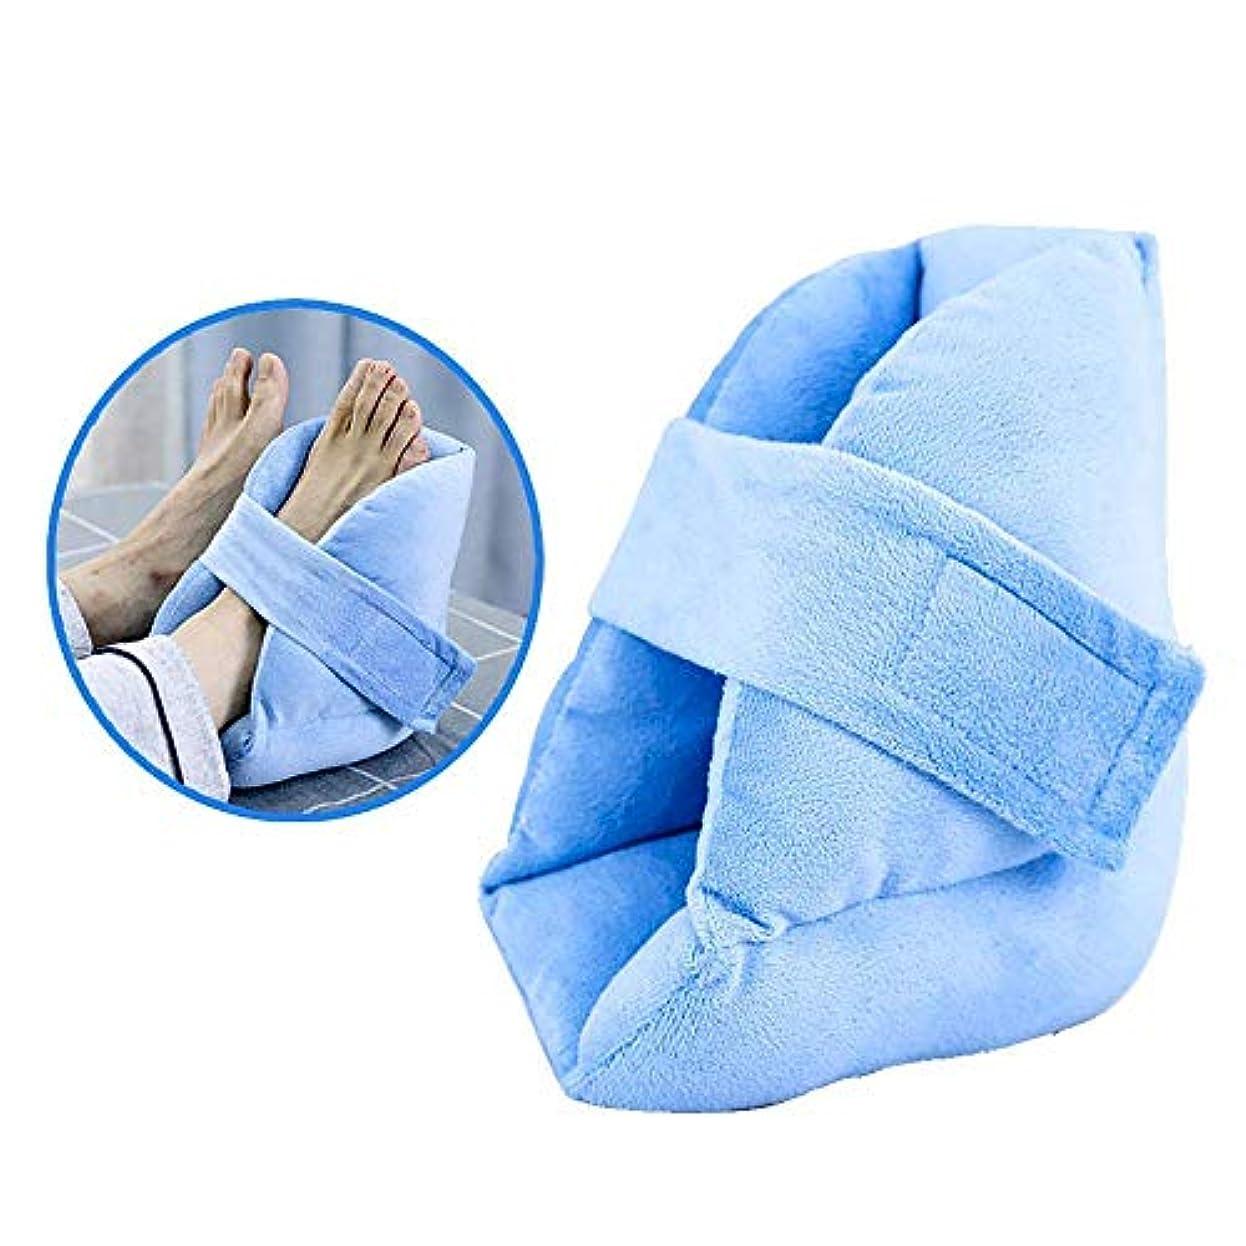 気怠いペット大量ブーツヒールプロテクタークッション、圧力緩和足枕ブーツ、調節可能な足と足首の枕ガード